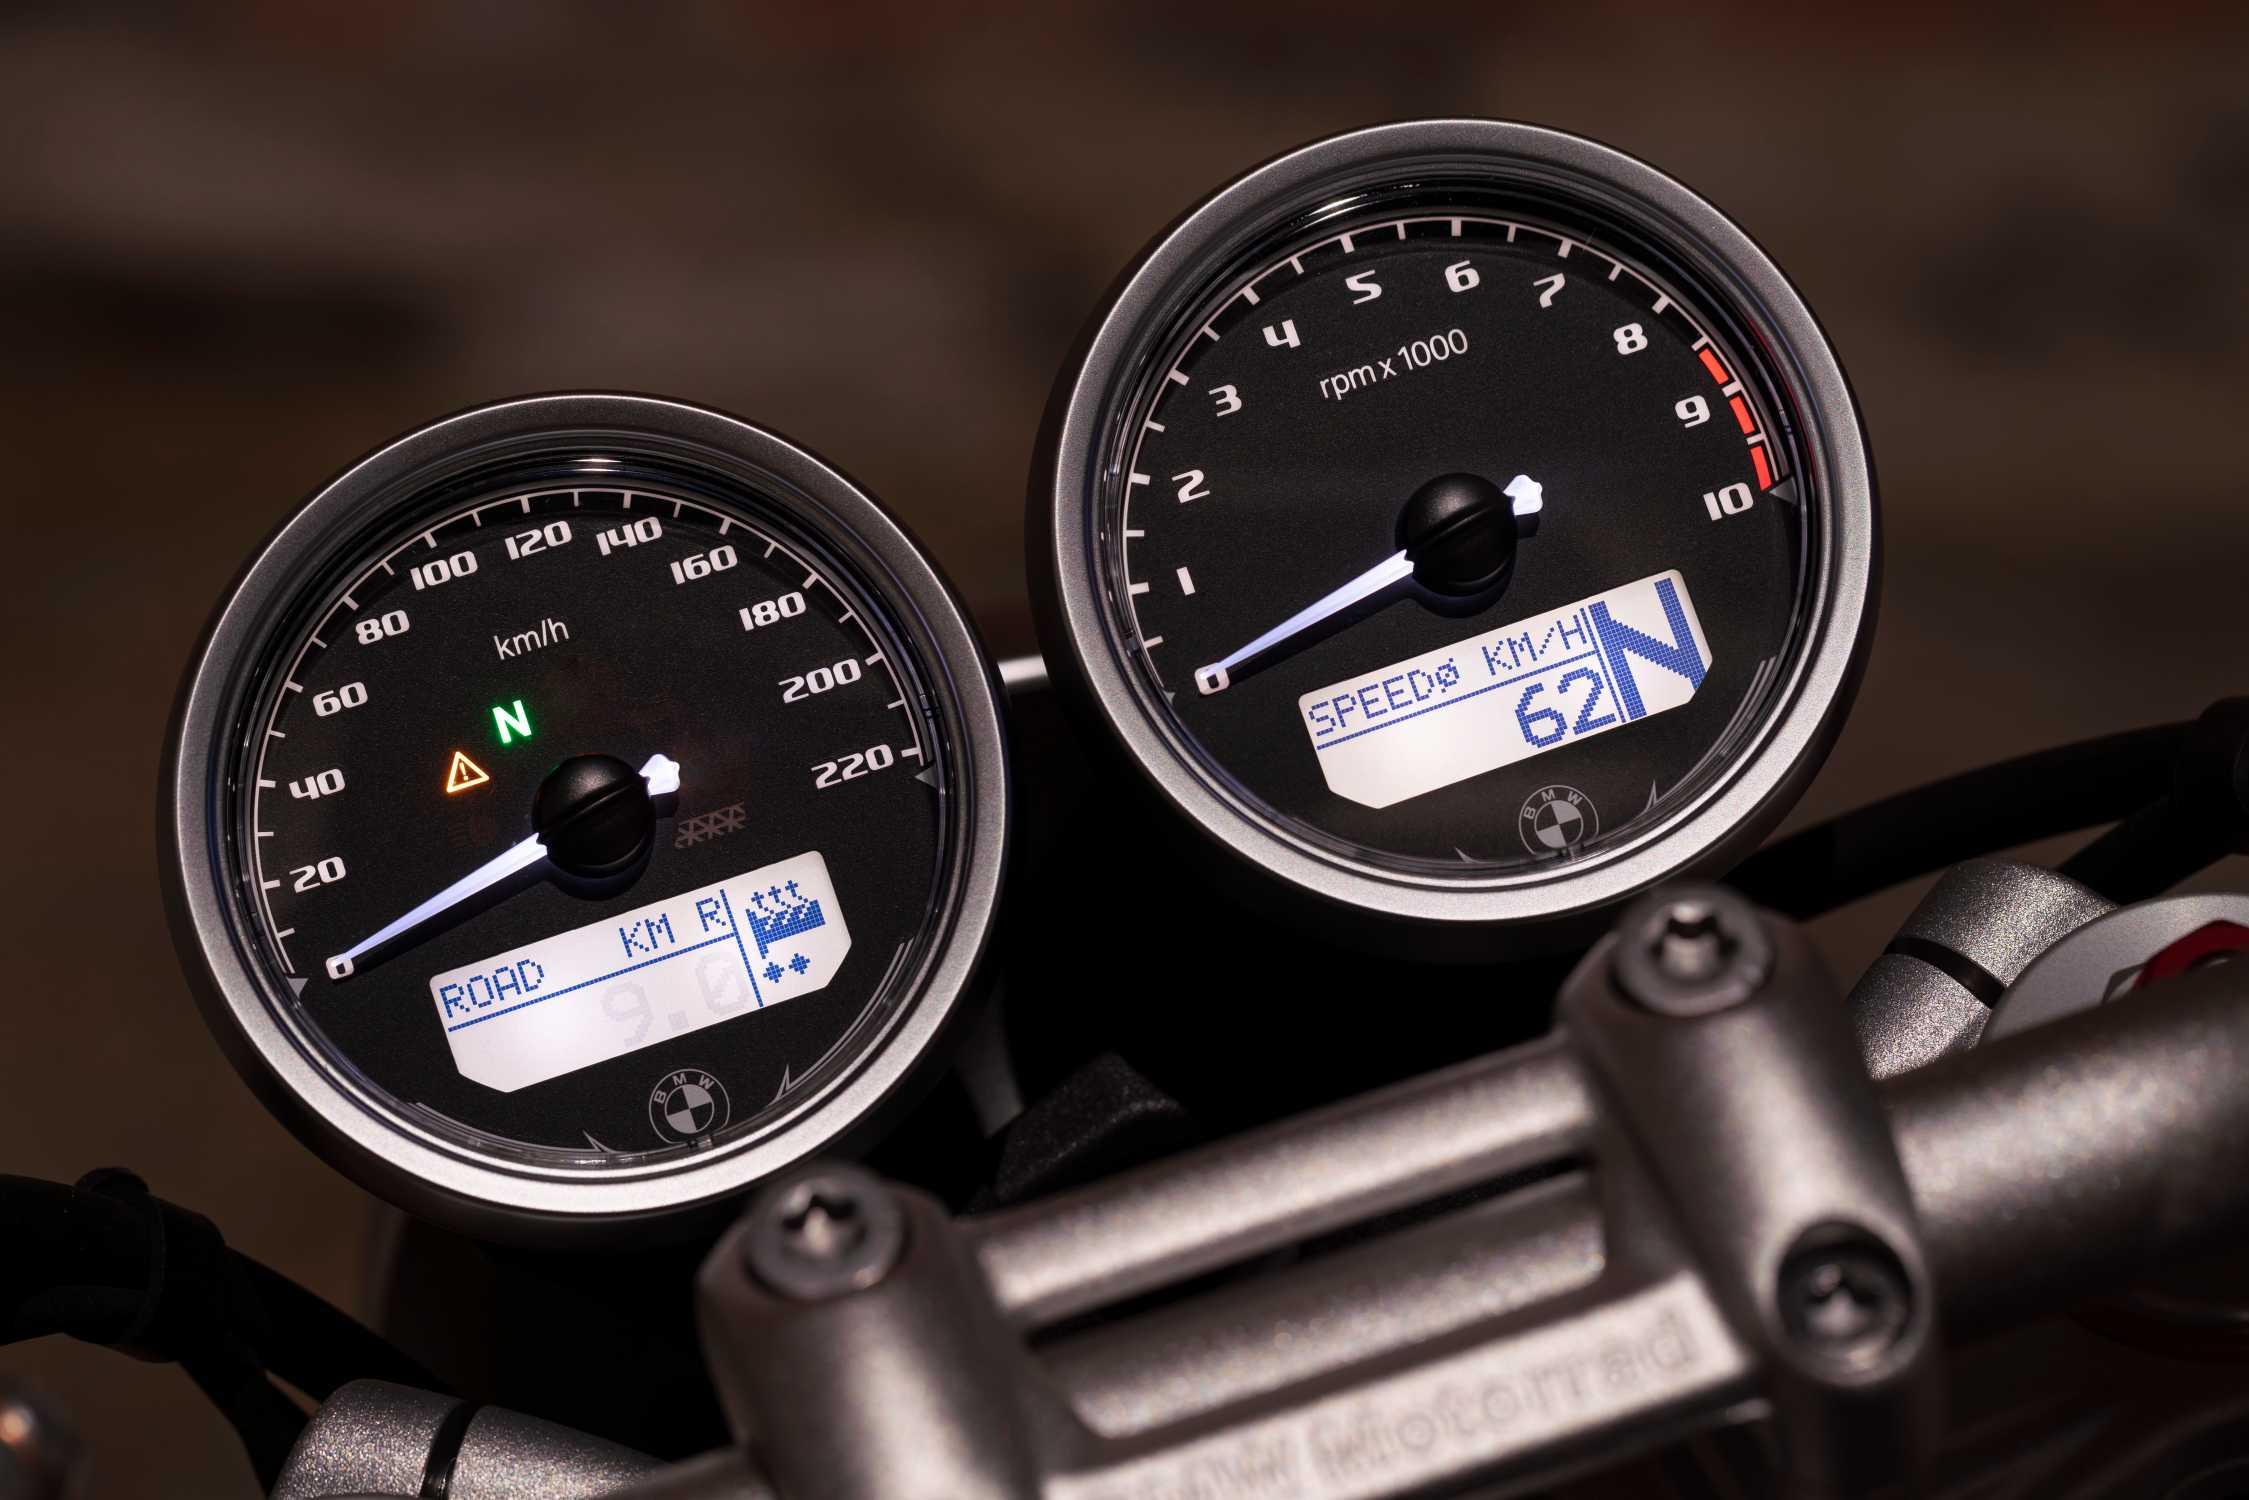 BMW R nineT. Newly designed circular instruments. (10/2020)